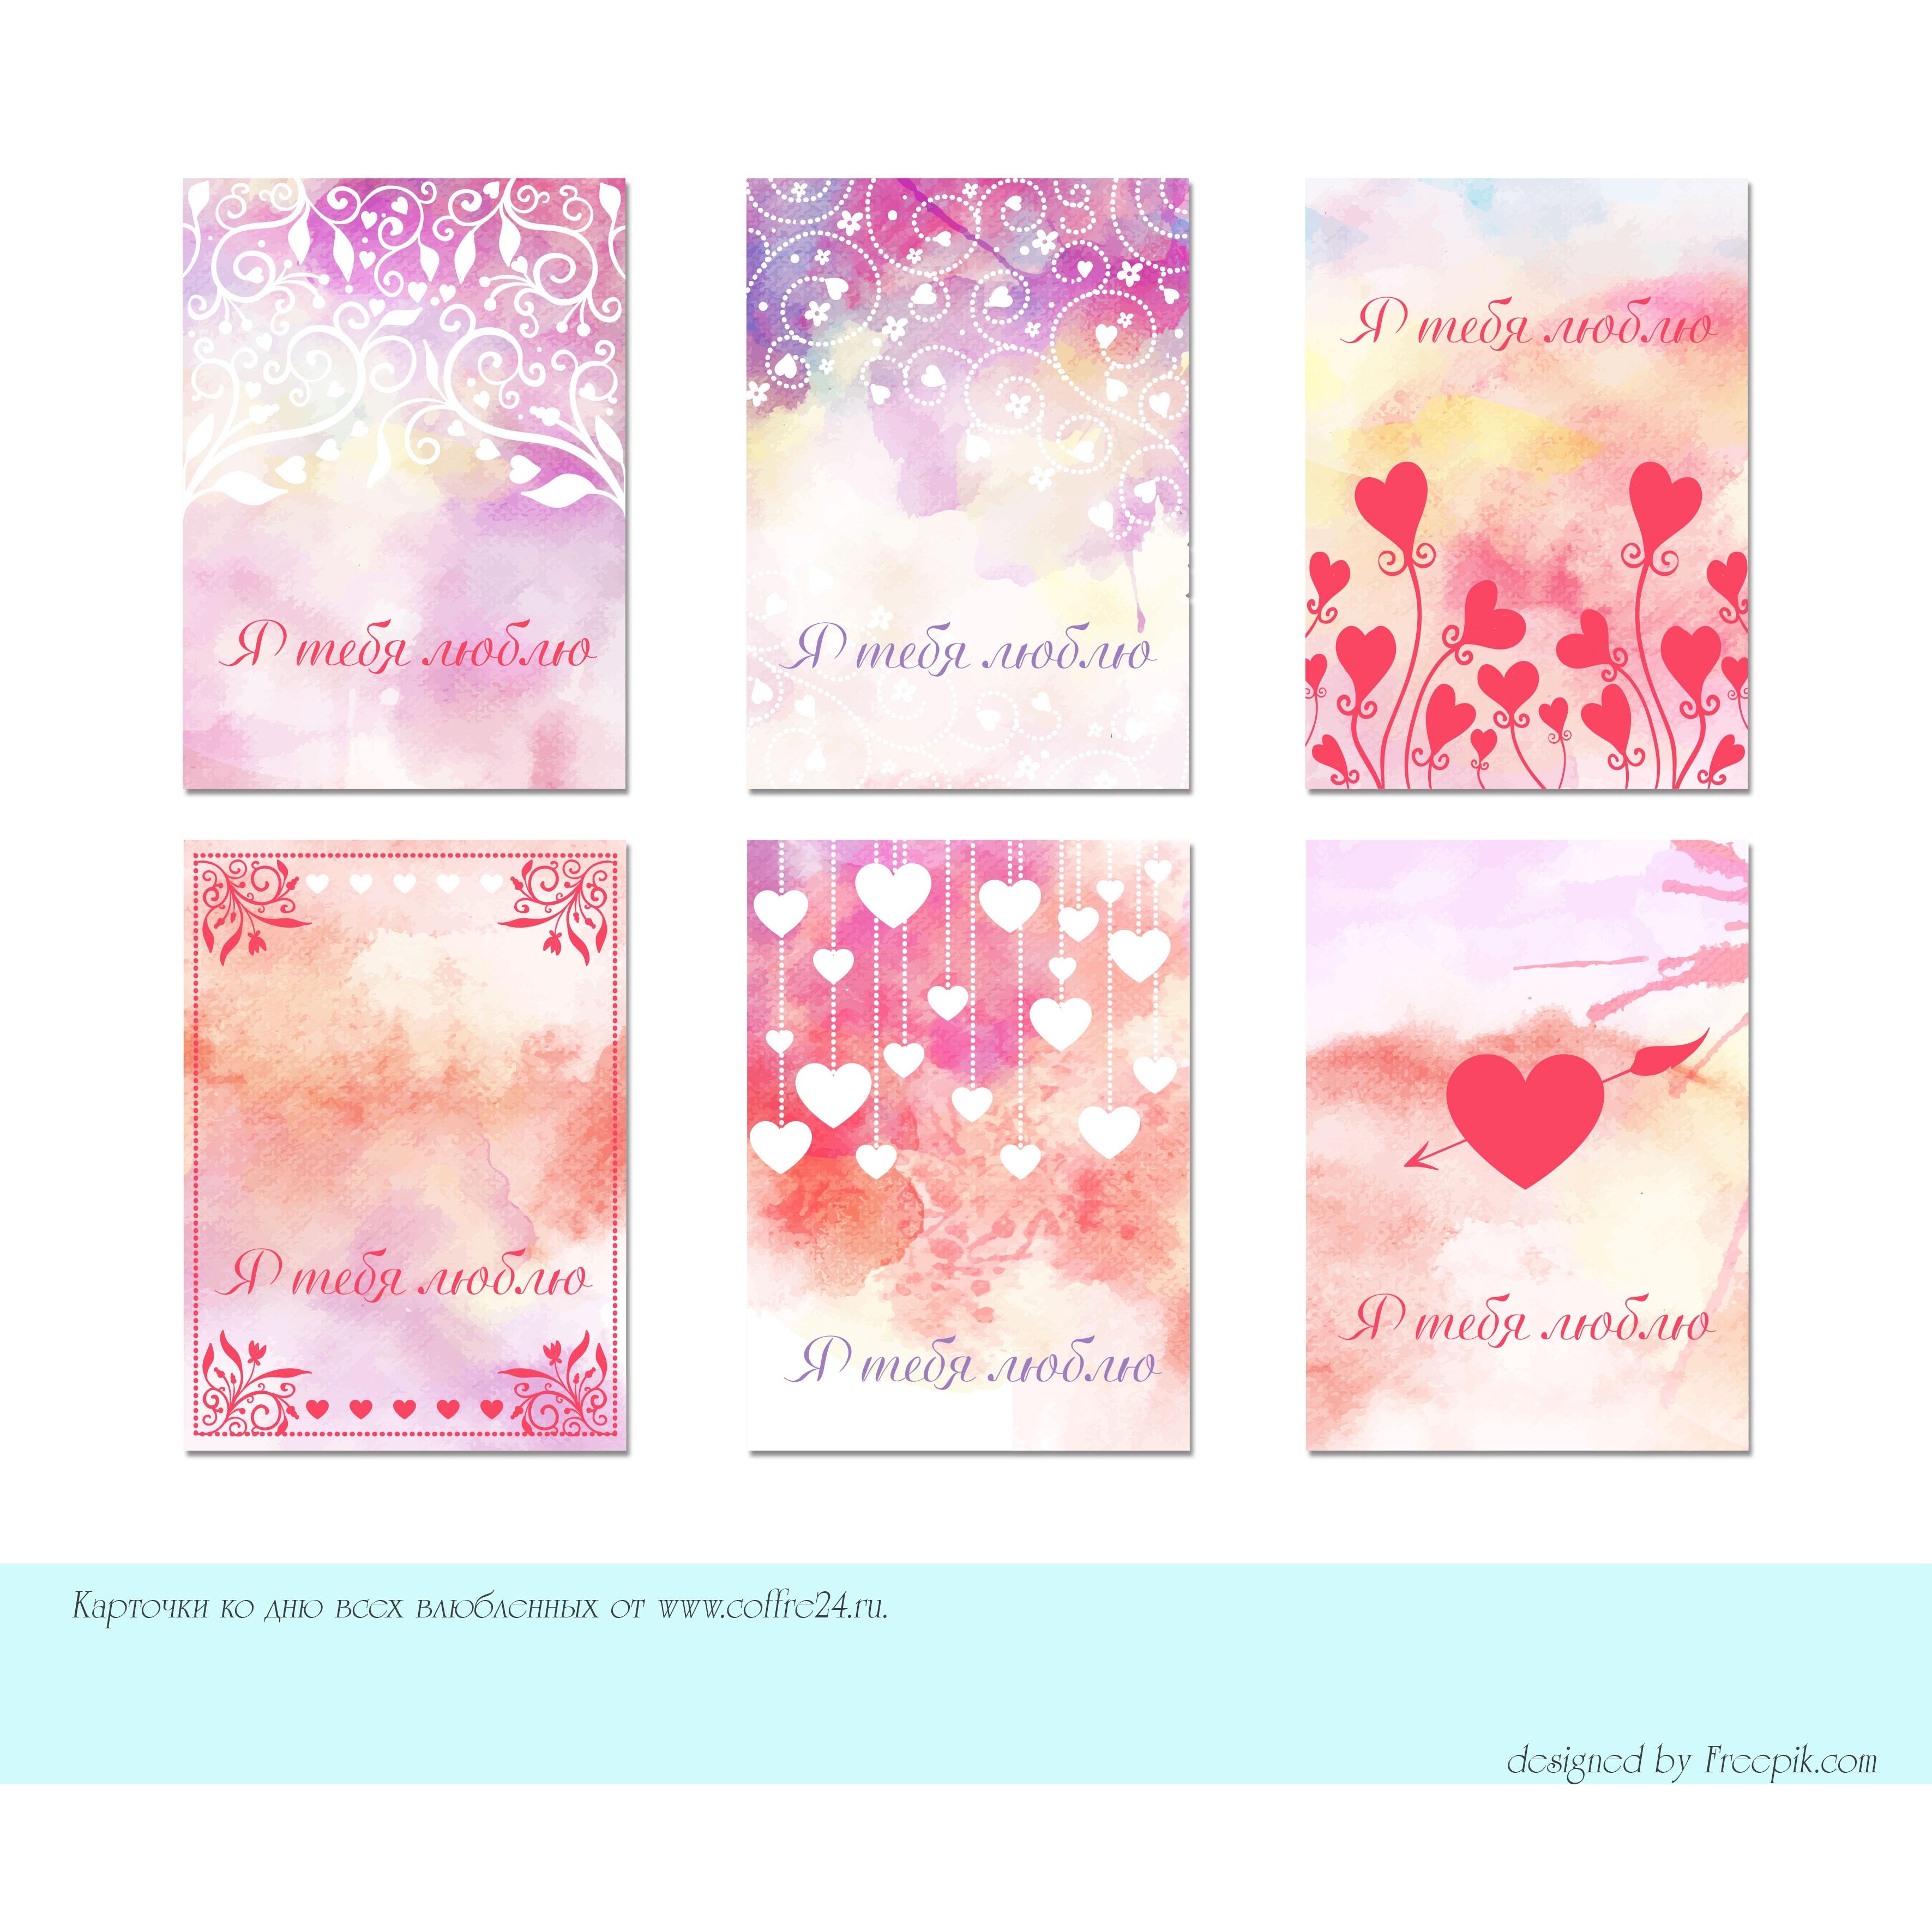 Фото картинки, открытка маме на день рождения распечатать цветное